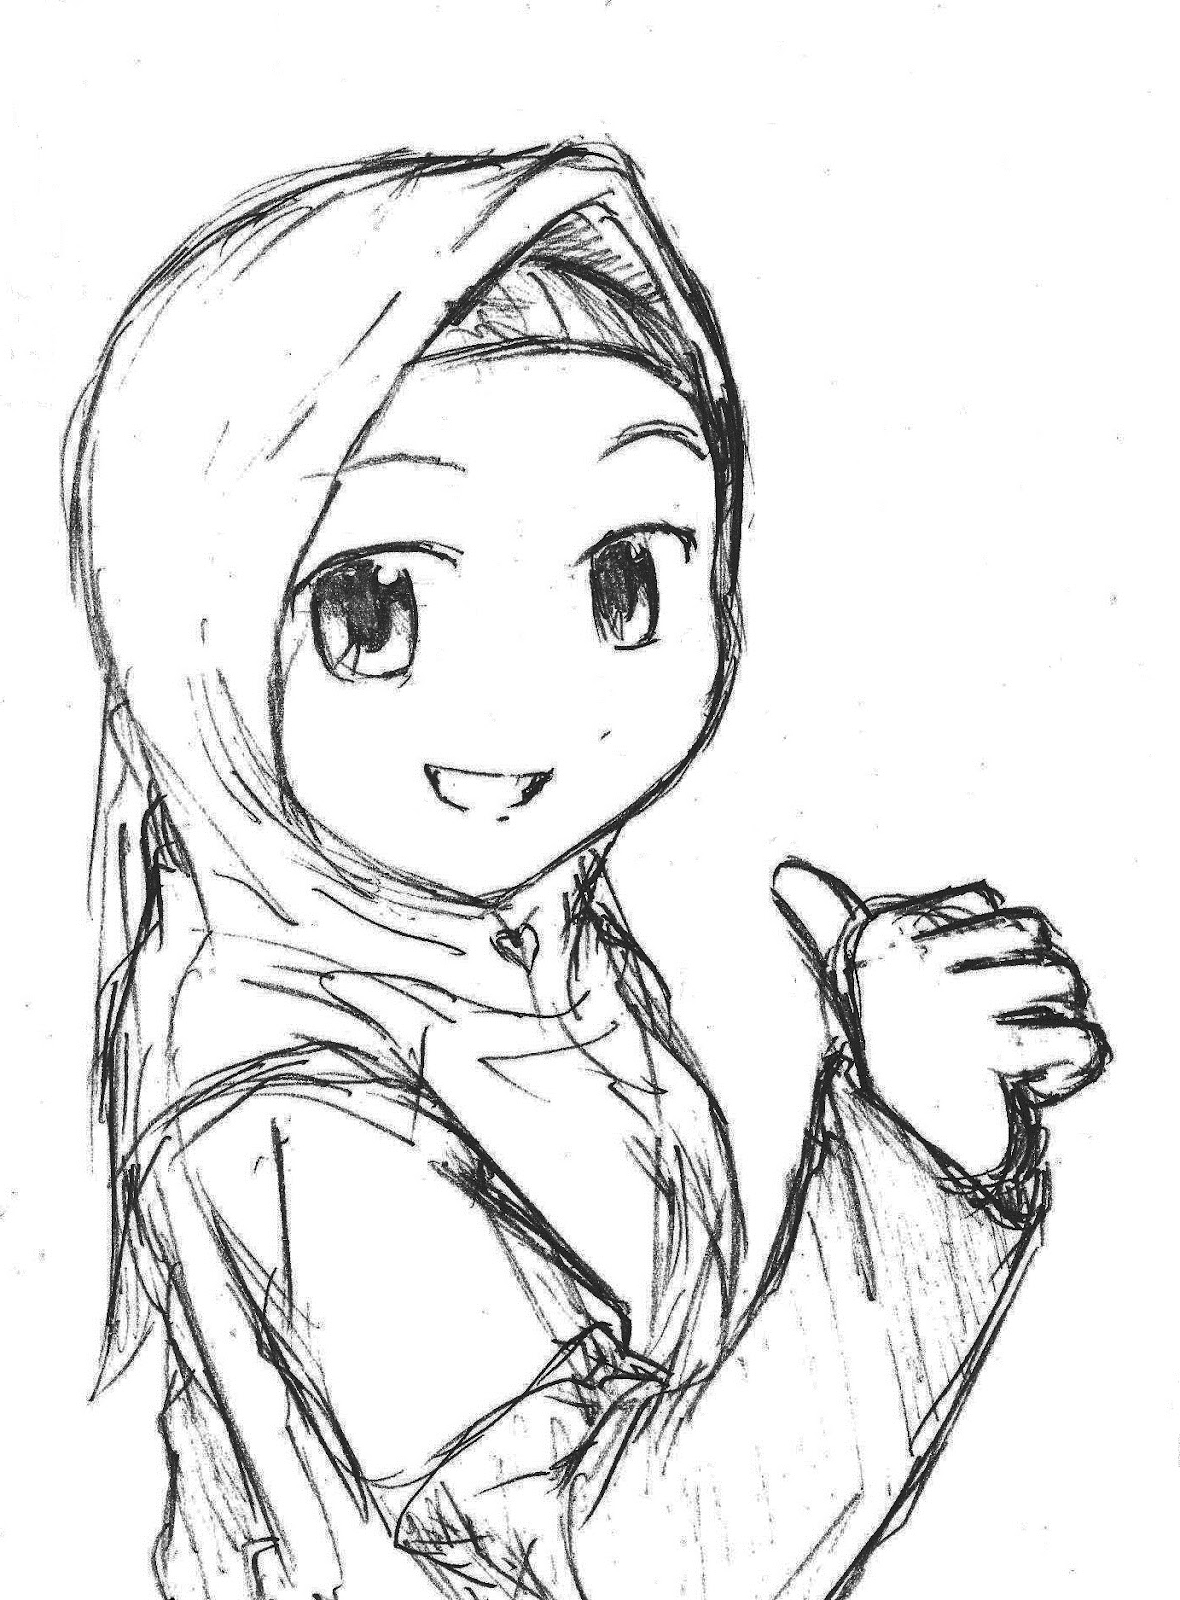 1180x1600 Drawings Of Girls Wearing Hijab Blackheart's Sketchbook My